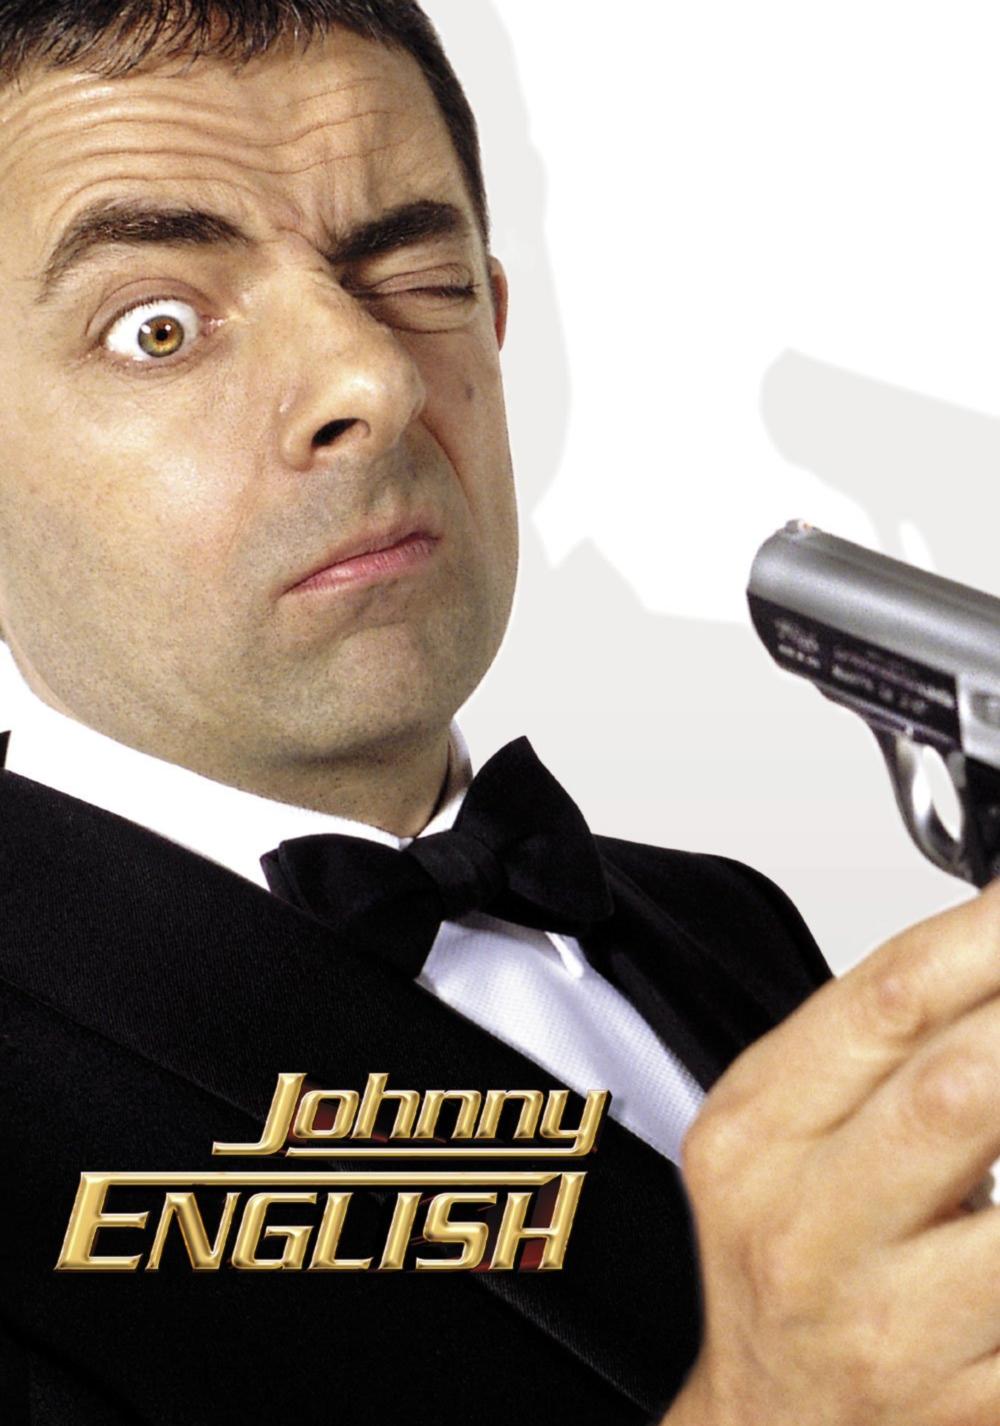 jonny englisch